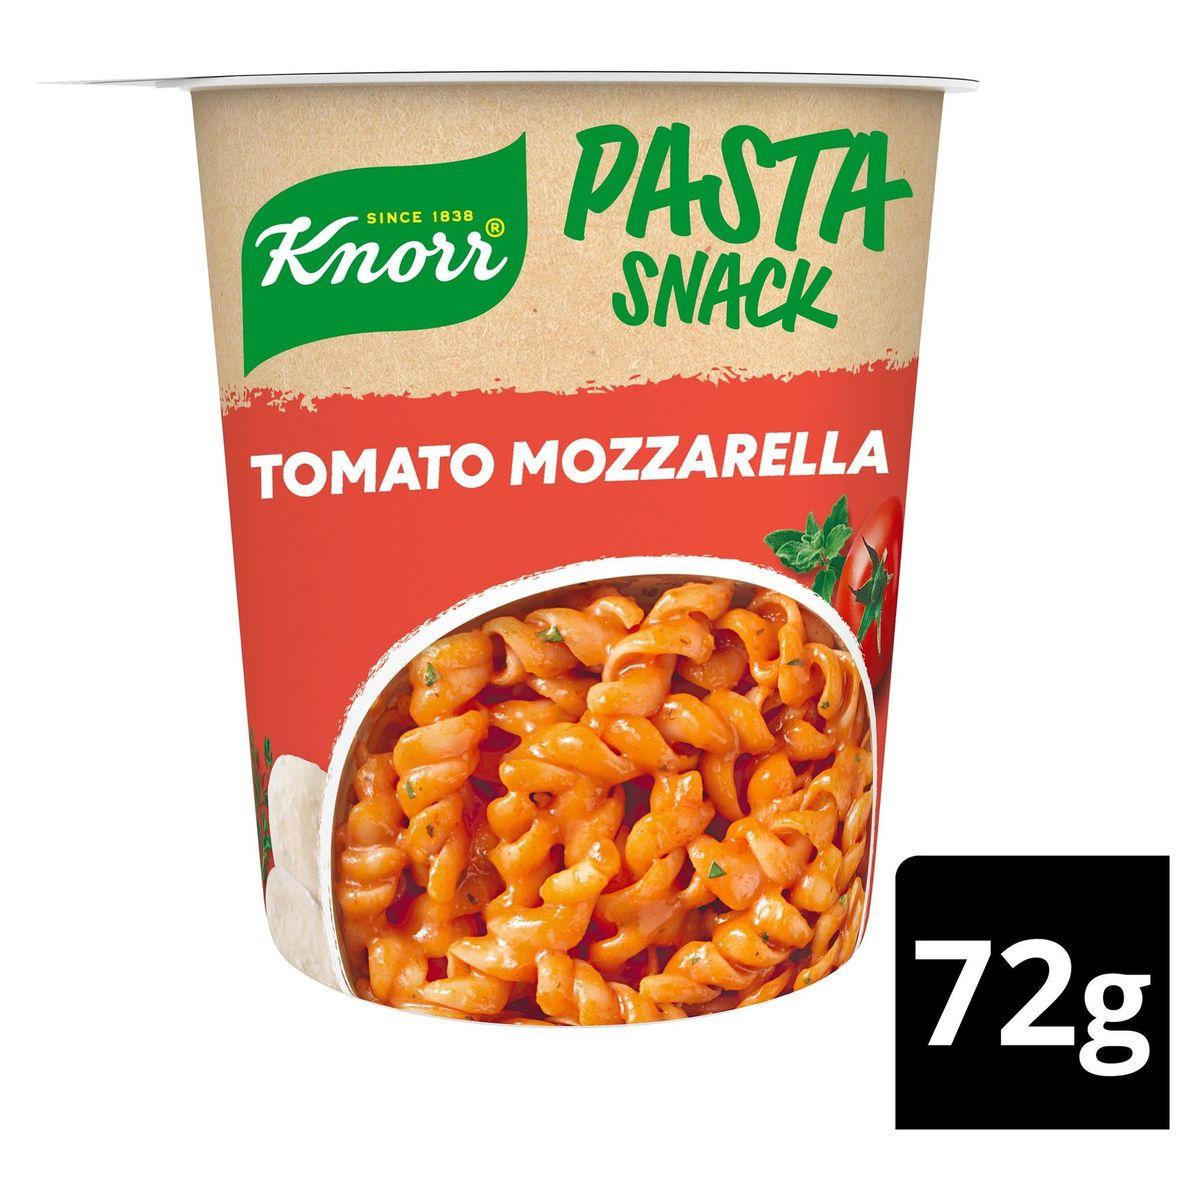 Knorr Instant Snack Pasta Tomato Mozarella 72 g